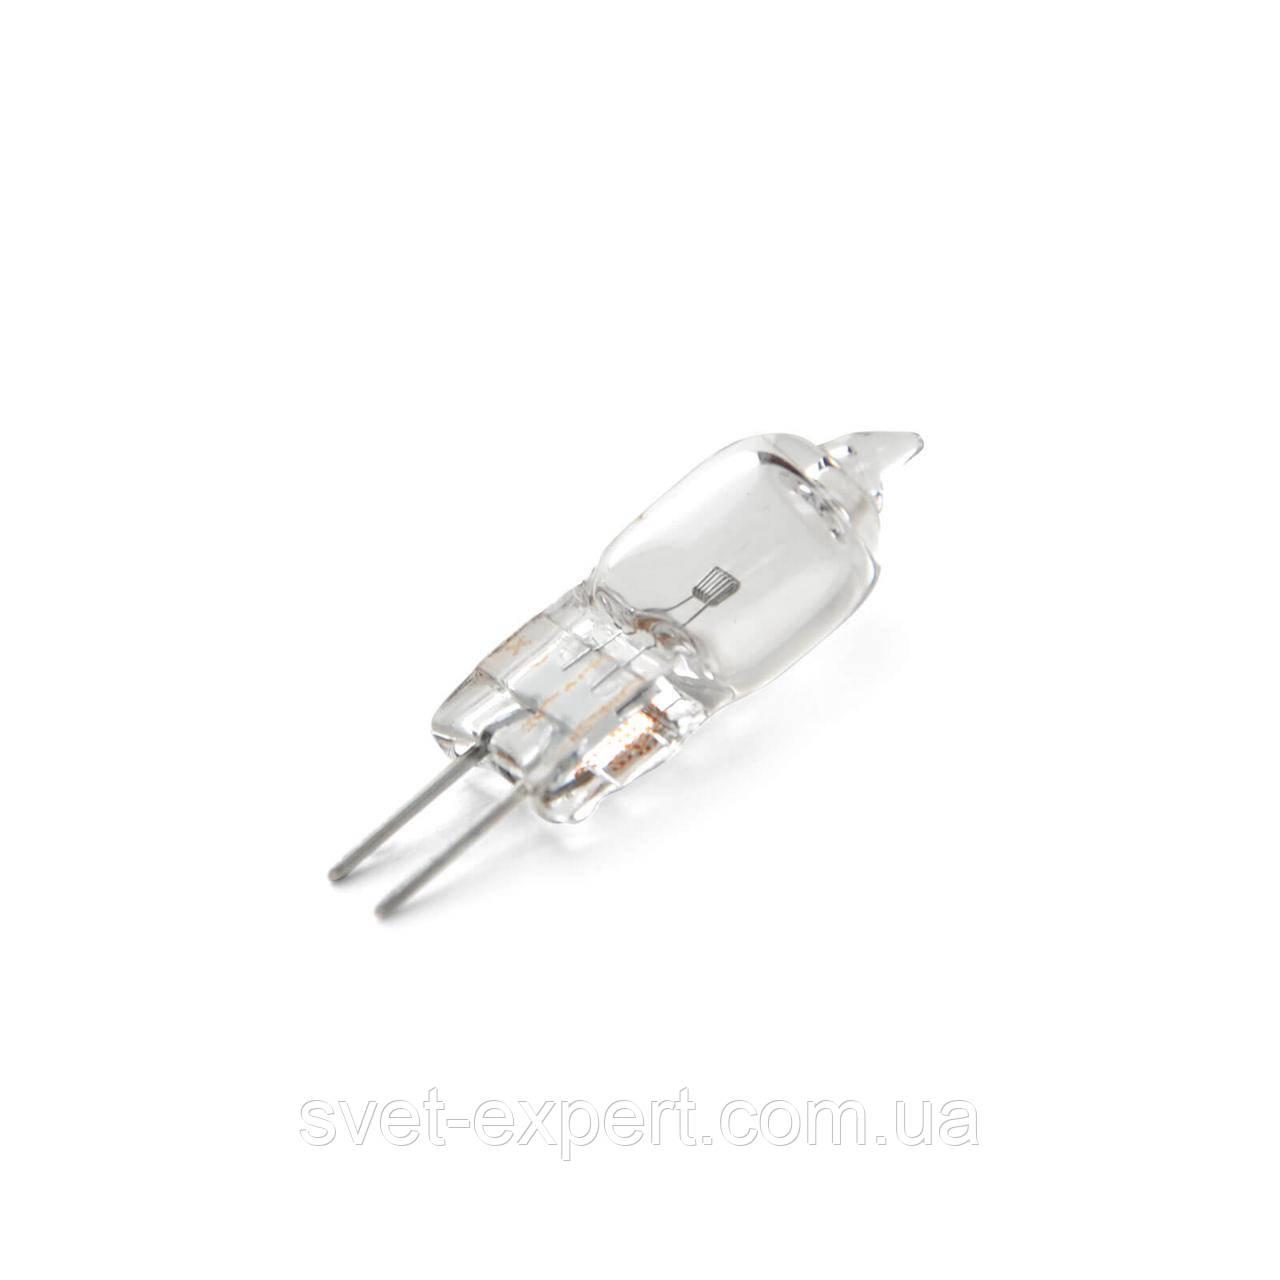 Лампа 64265 HLX 30W 6V G4 40x1 OSRAM